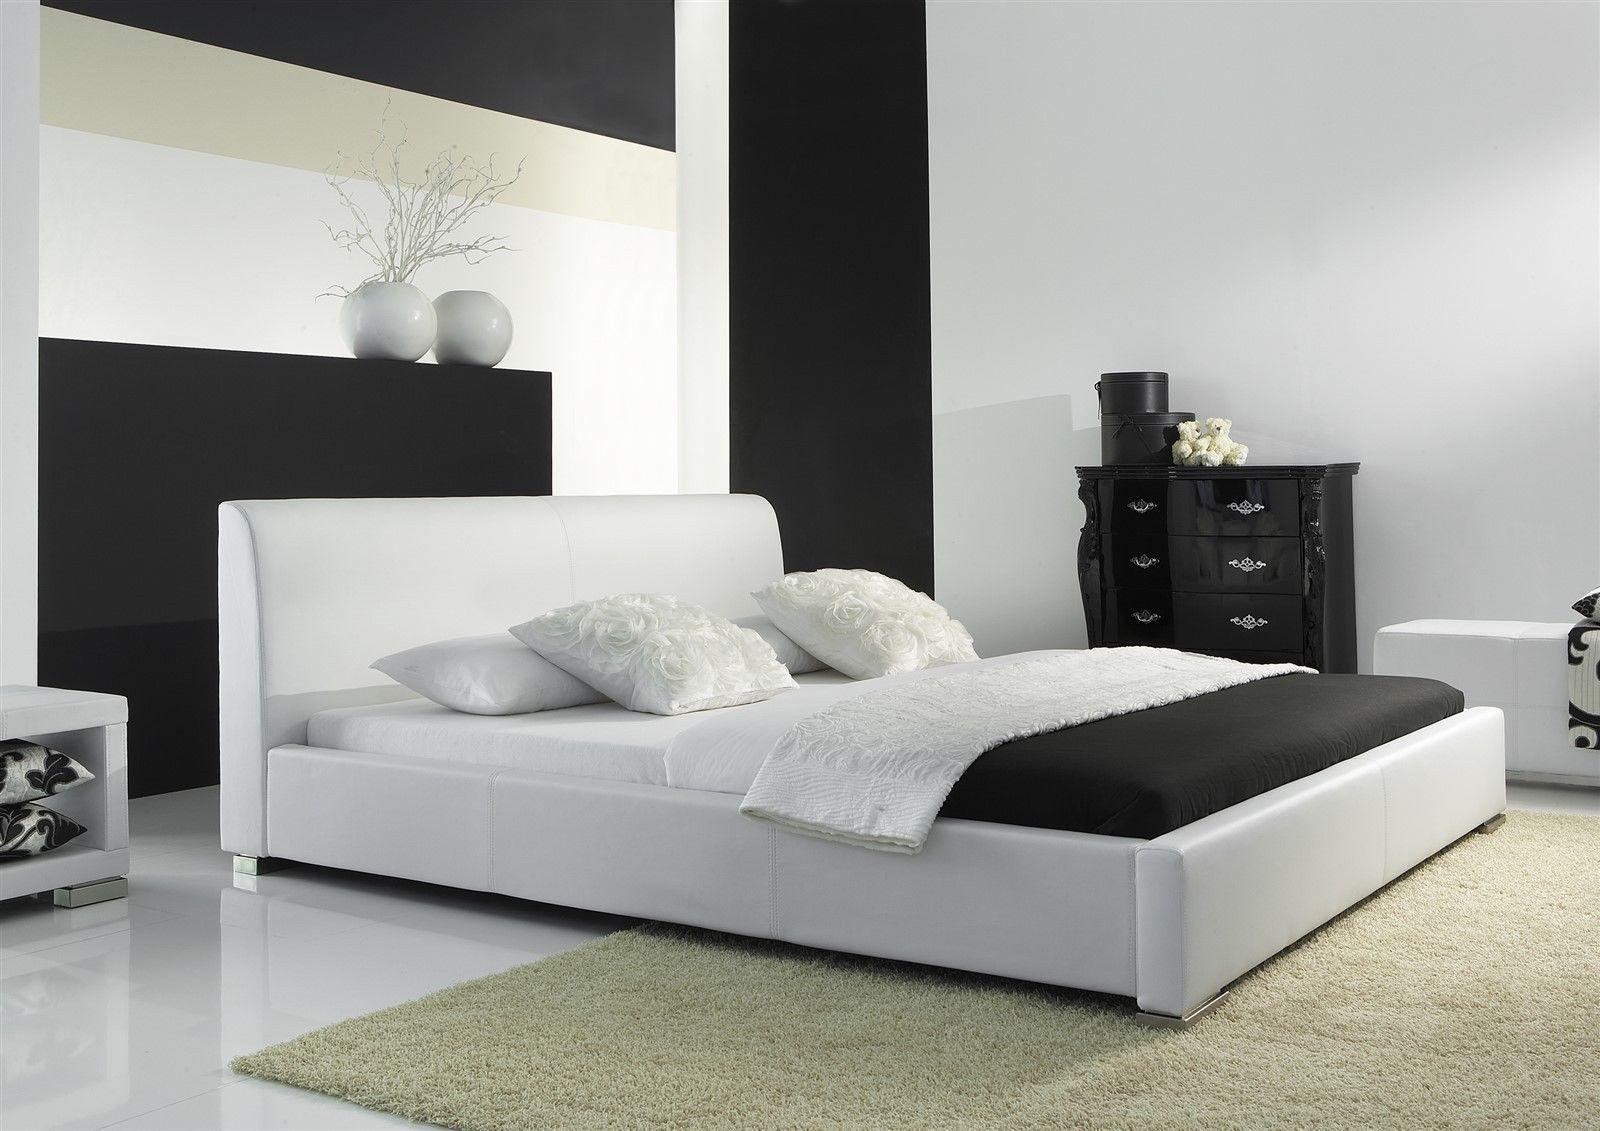 polsterbett 100x200 cm einzelbett mit bettkasten einzel grau bett x cm with polsterbett 100x200. Black Bedroom Furniture Sets. Home Design Ideas